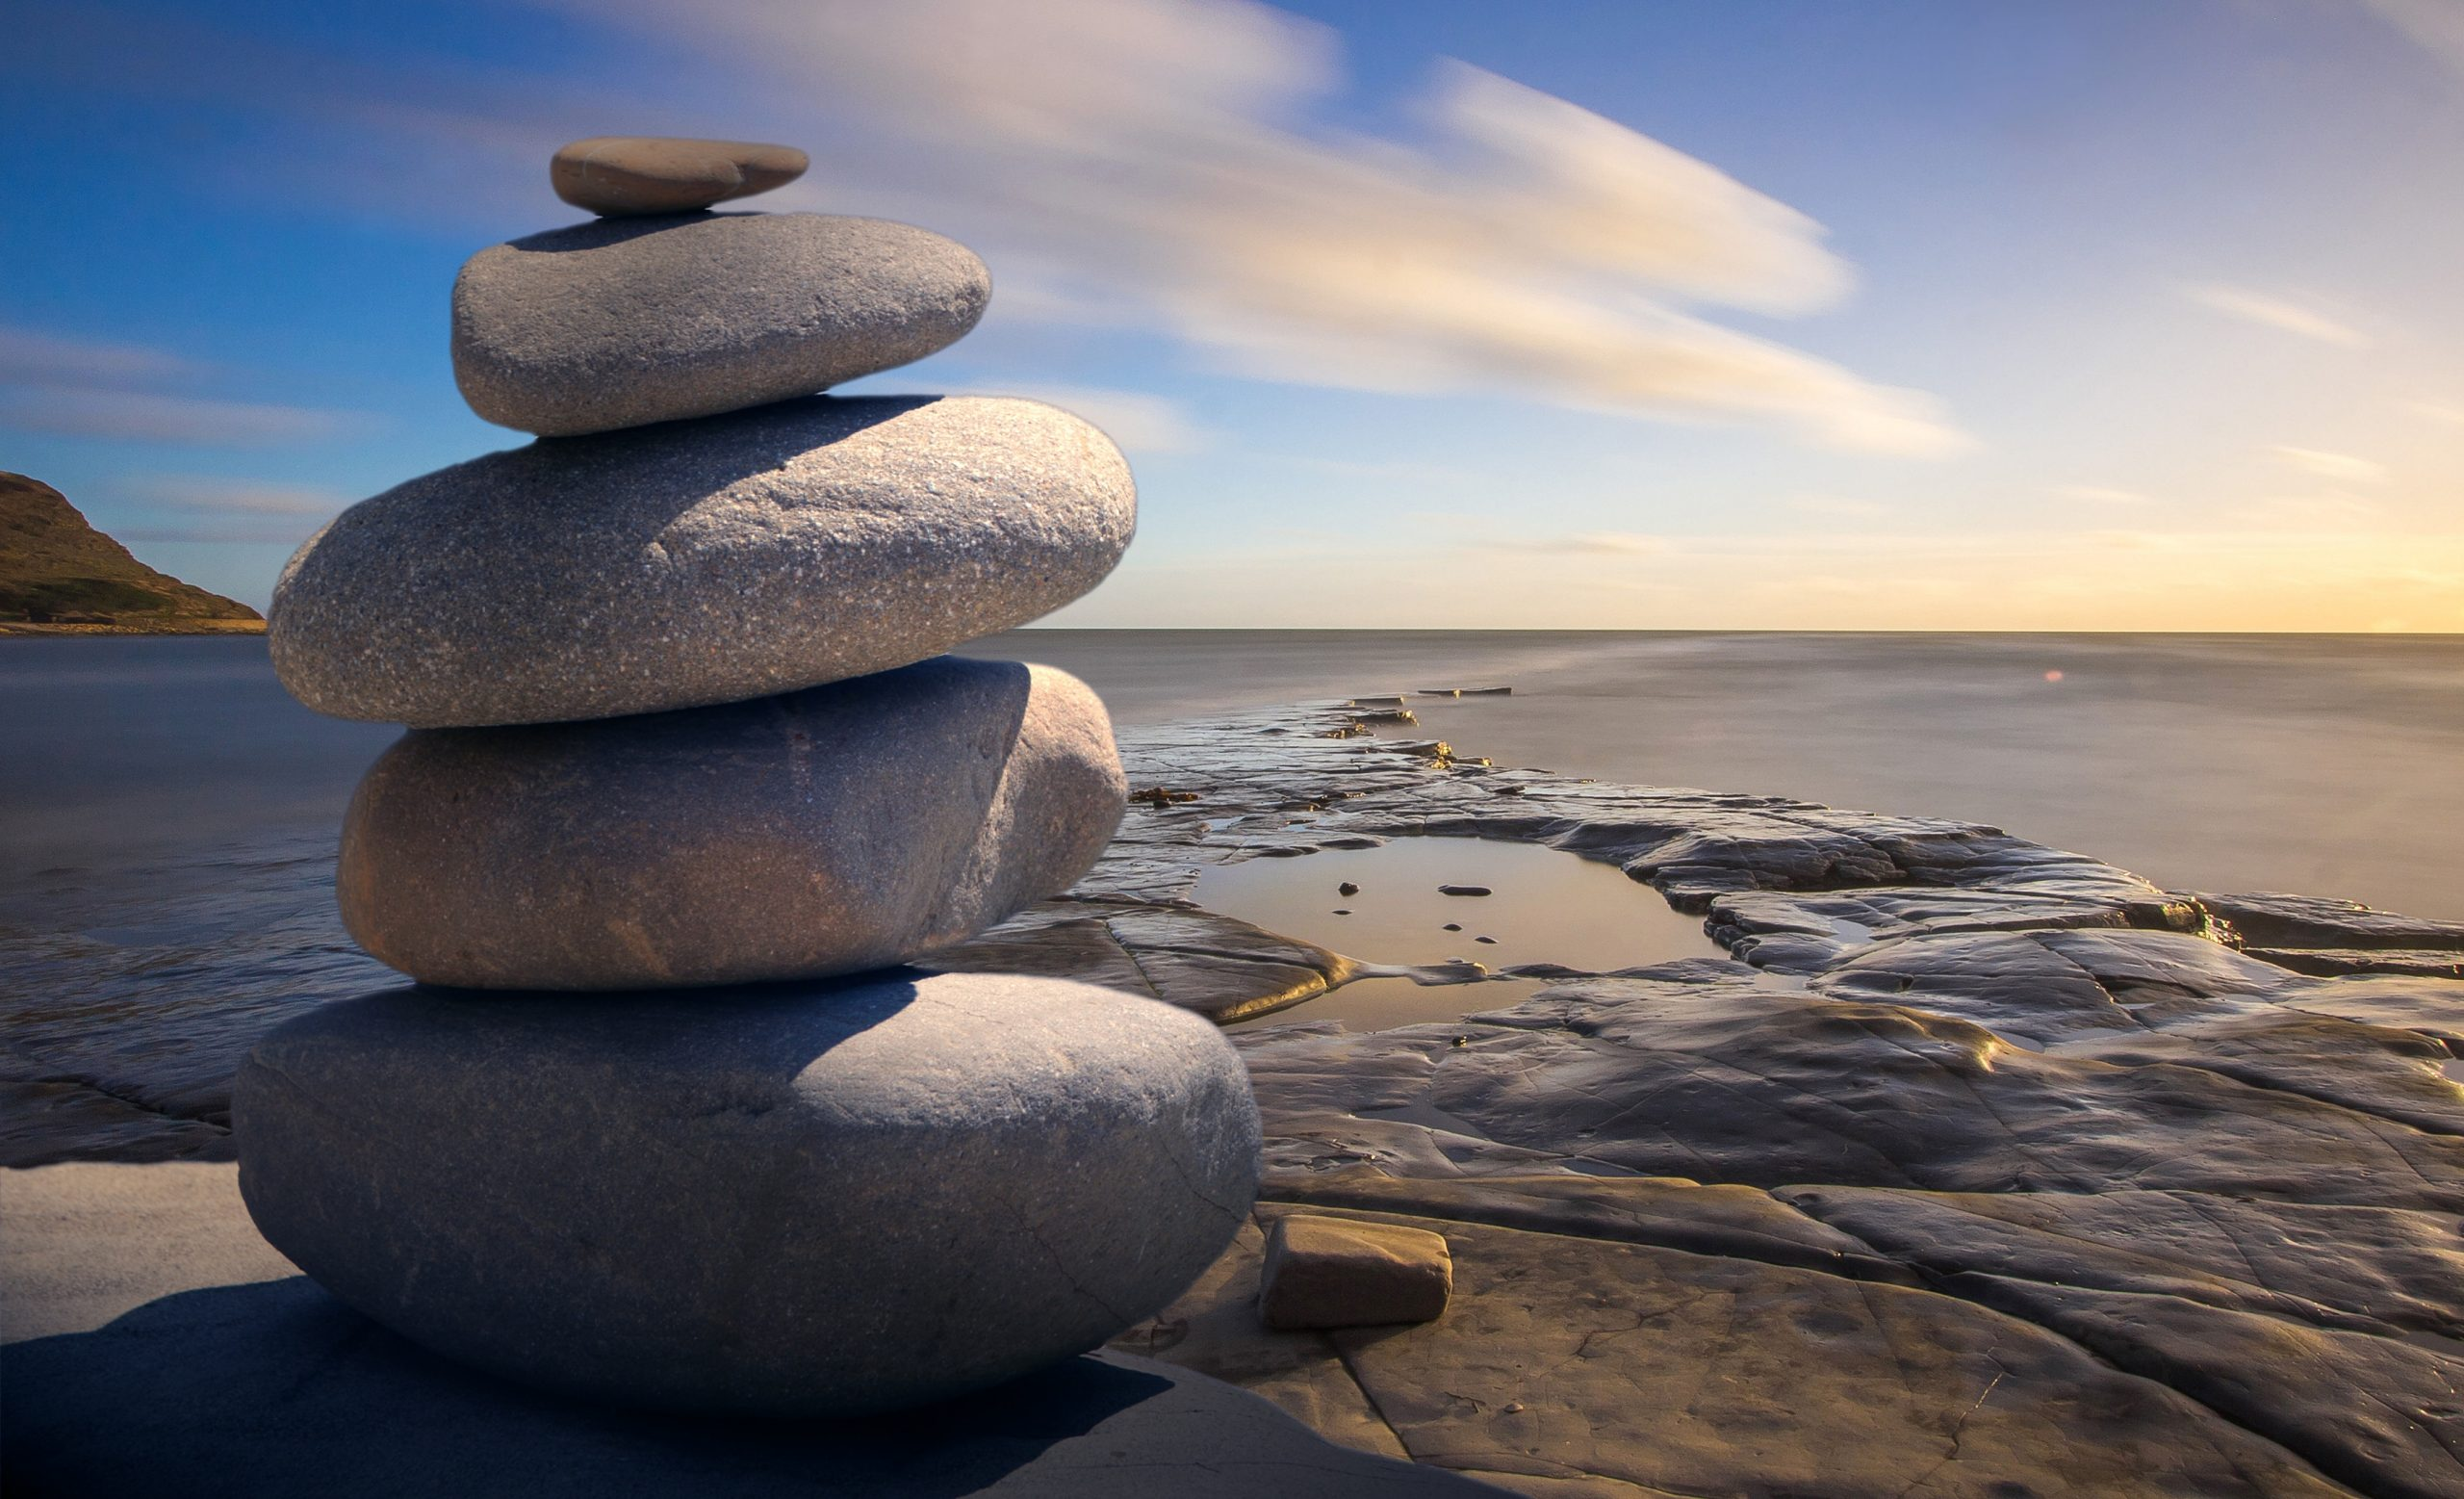 Lotgenotengroep voor mantelzorgers – Mindfulness